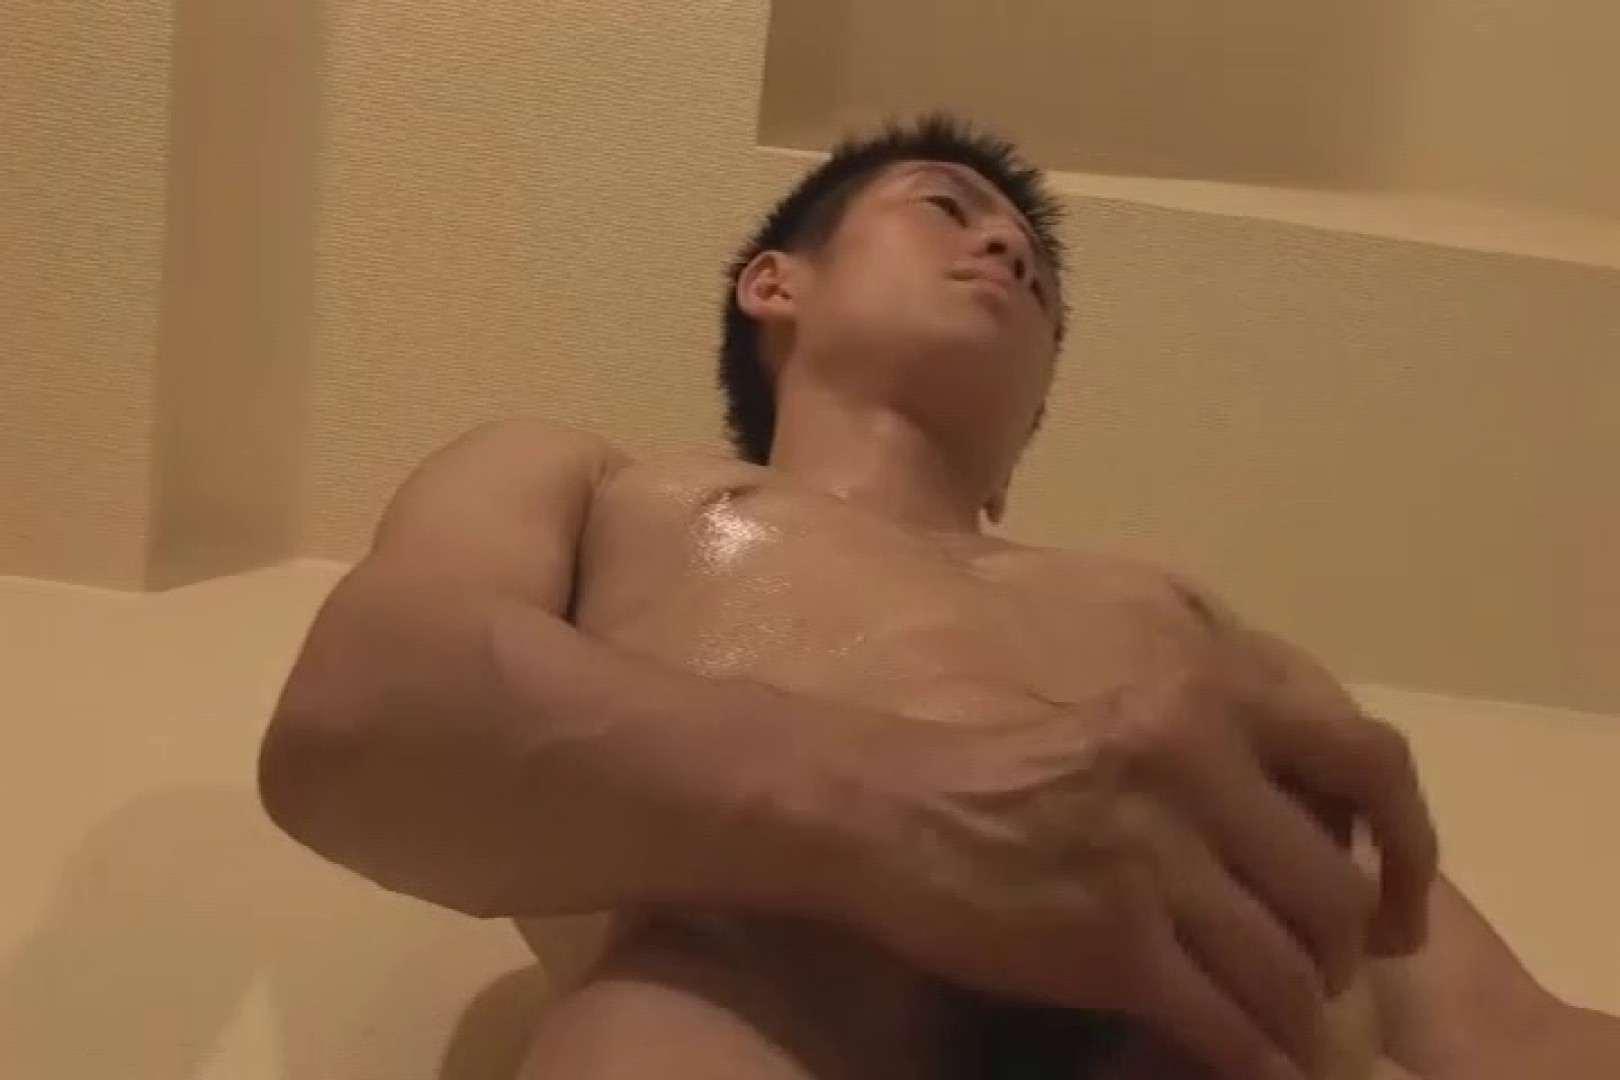 暴れん棒!!雄穴を狙え!! vol.04 オナニー ゲイ丸見え画像 112枚 83